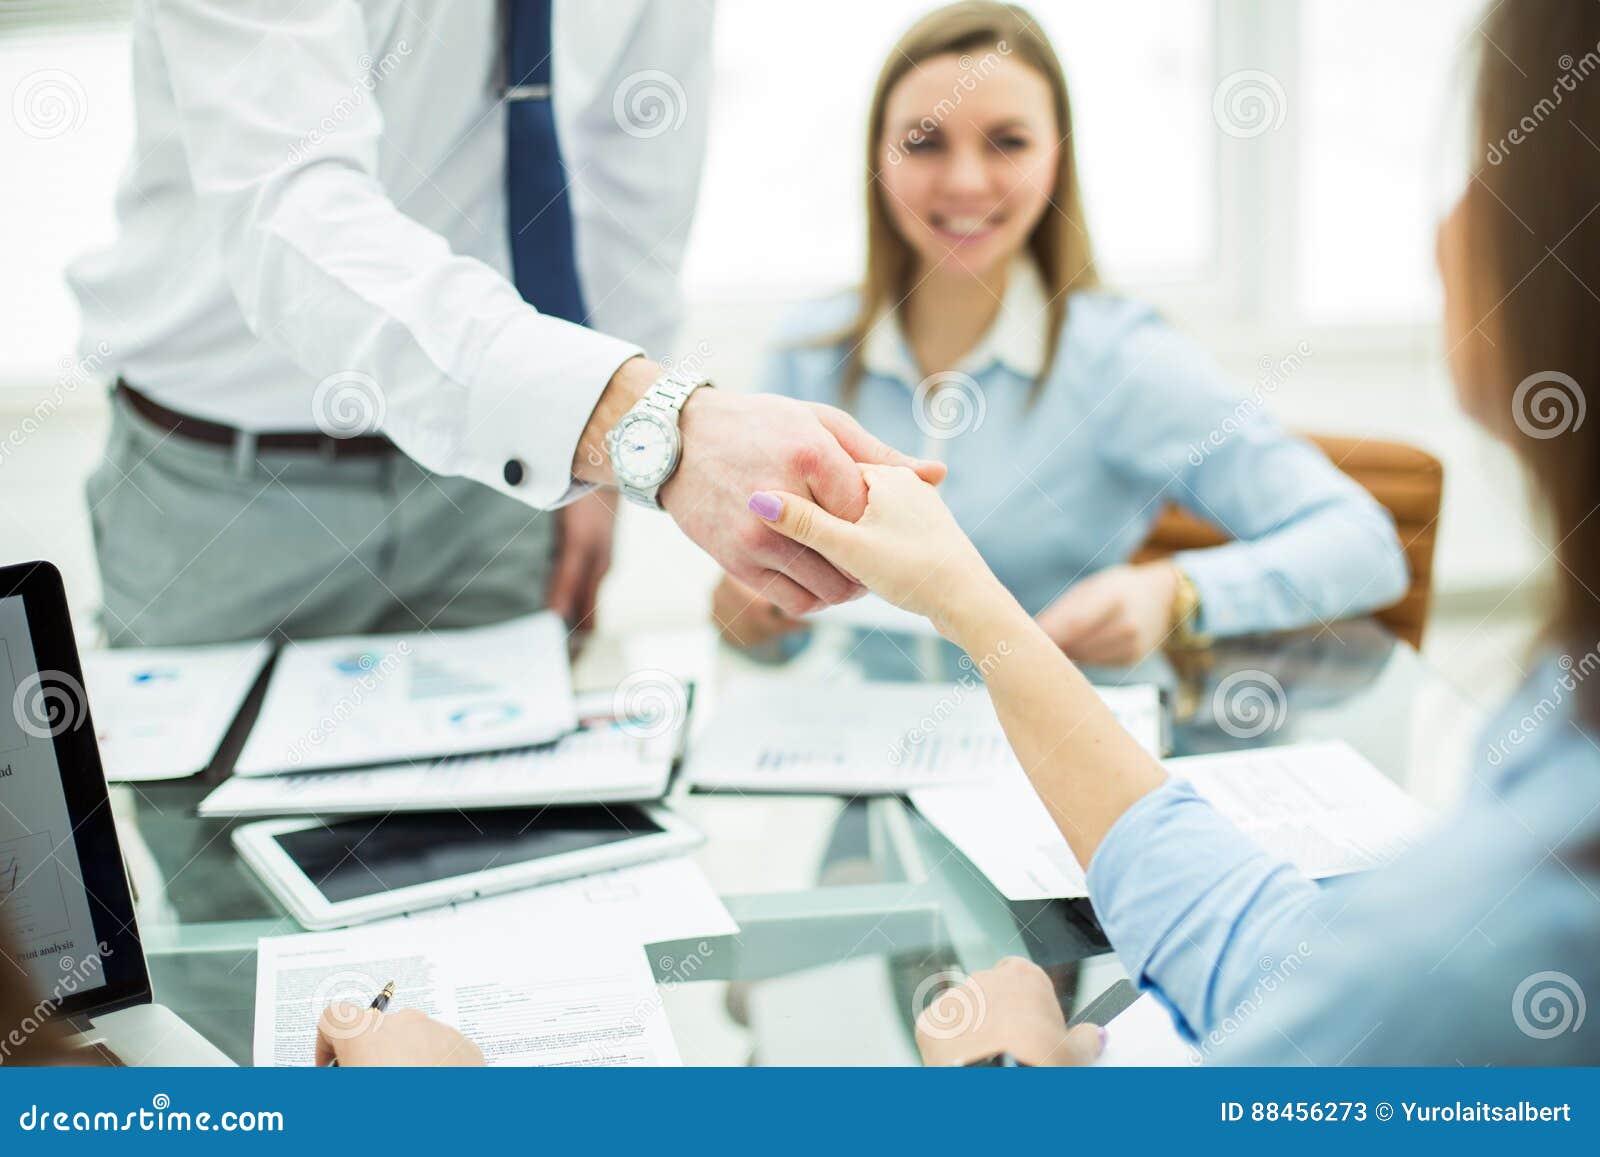 Bankdirecteur en de handen van de klantenschok na het ondertekenen van een winstgevend contract